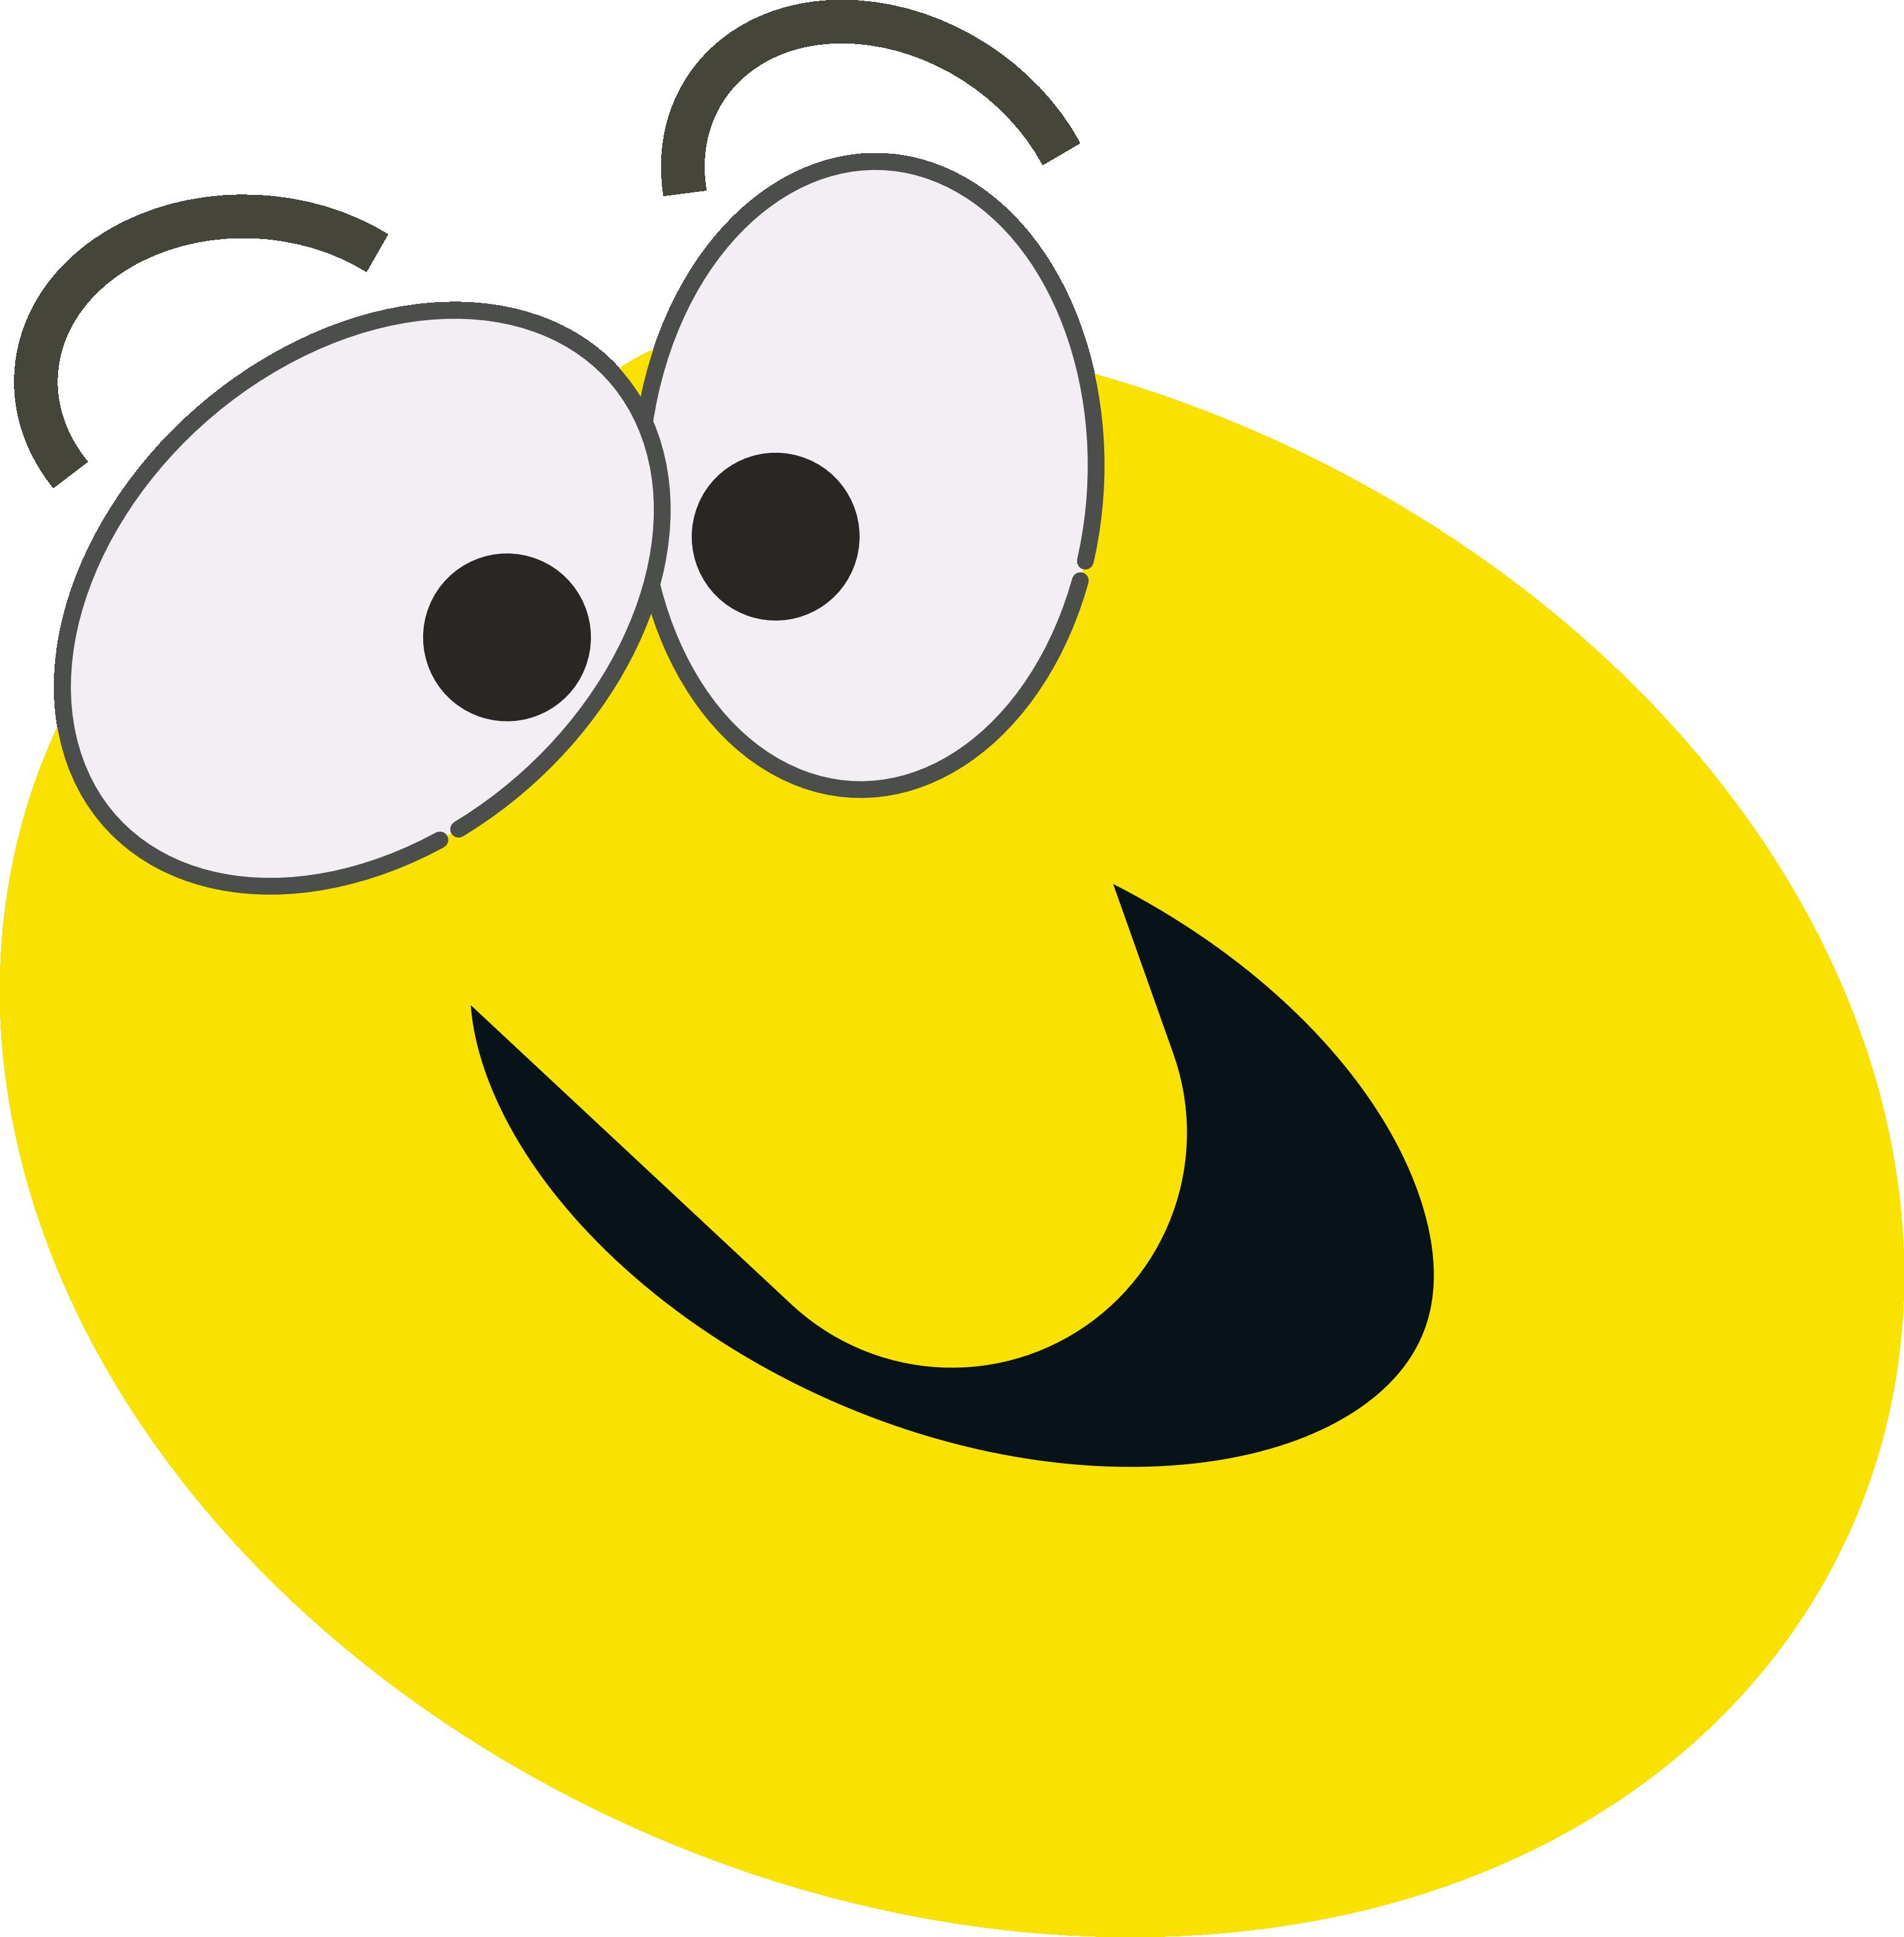 Smiley Face Happy Face Clip .-Smiley face happy face clip .-18